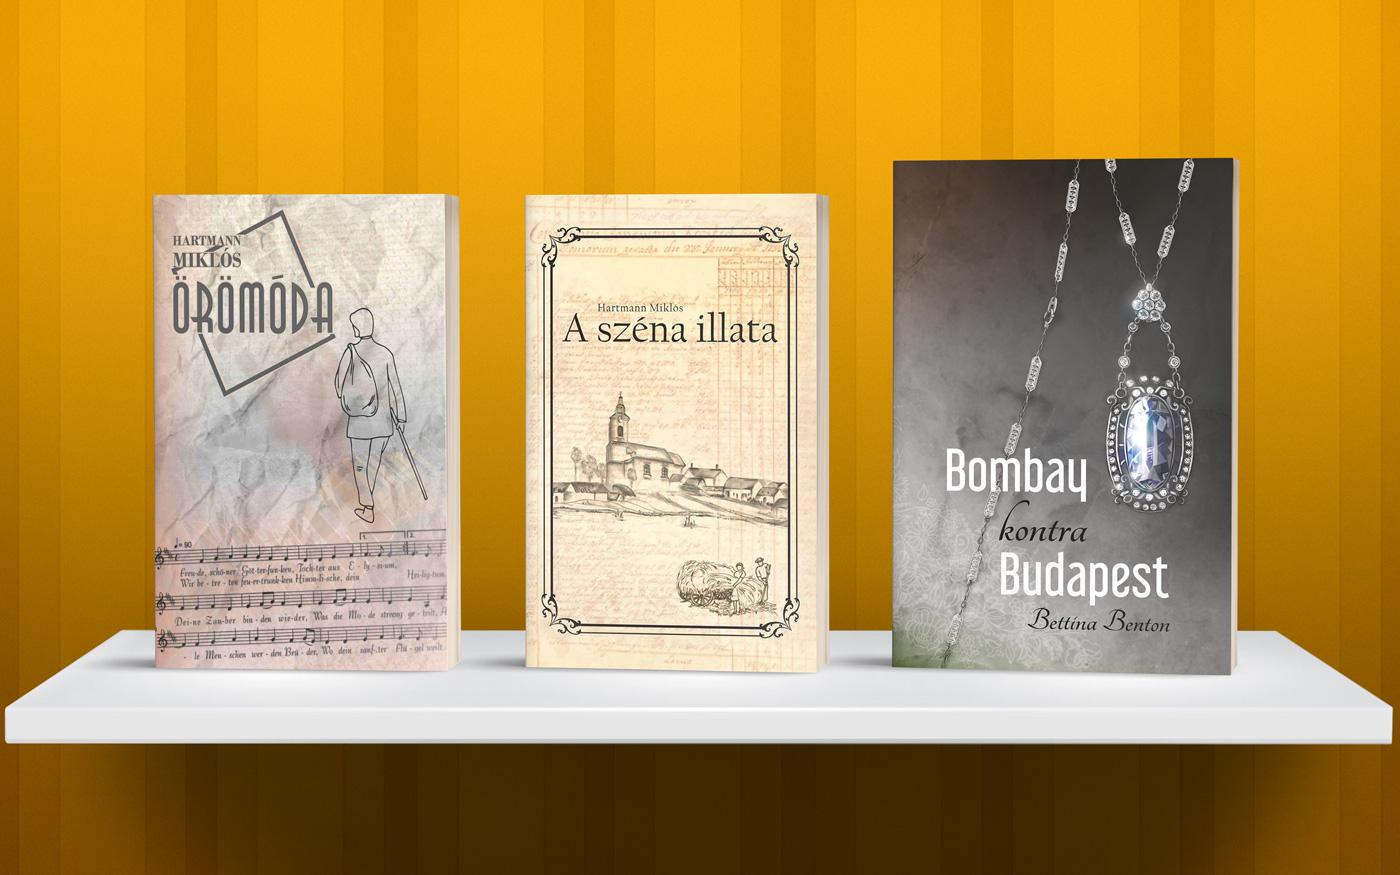 Kötetek, Harasztinak! Bemutató a Városi Könyvtárban